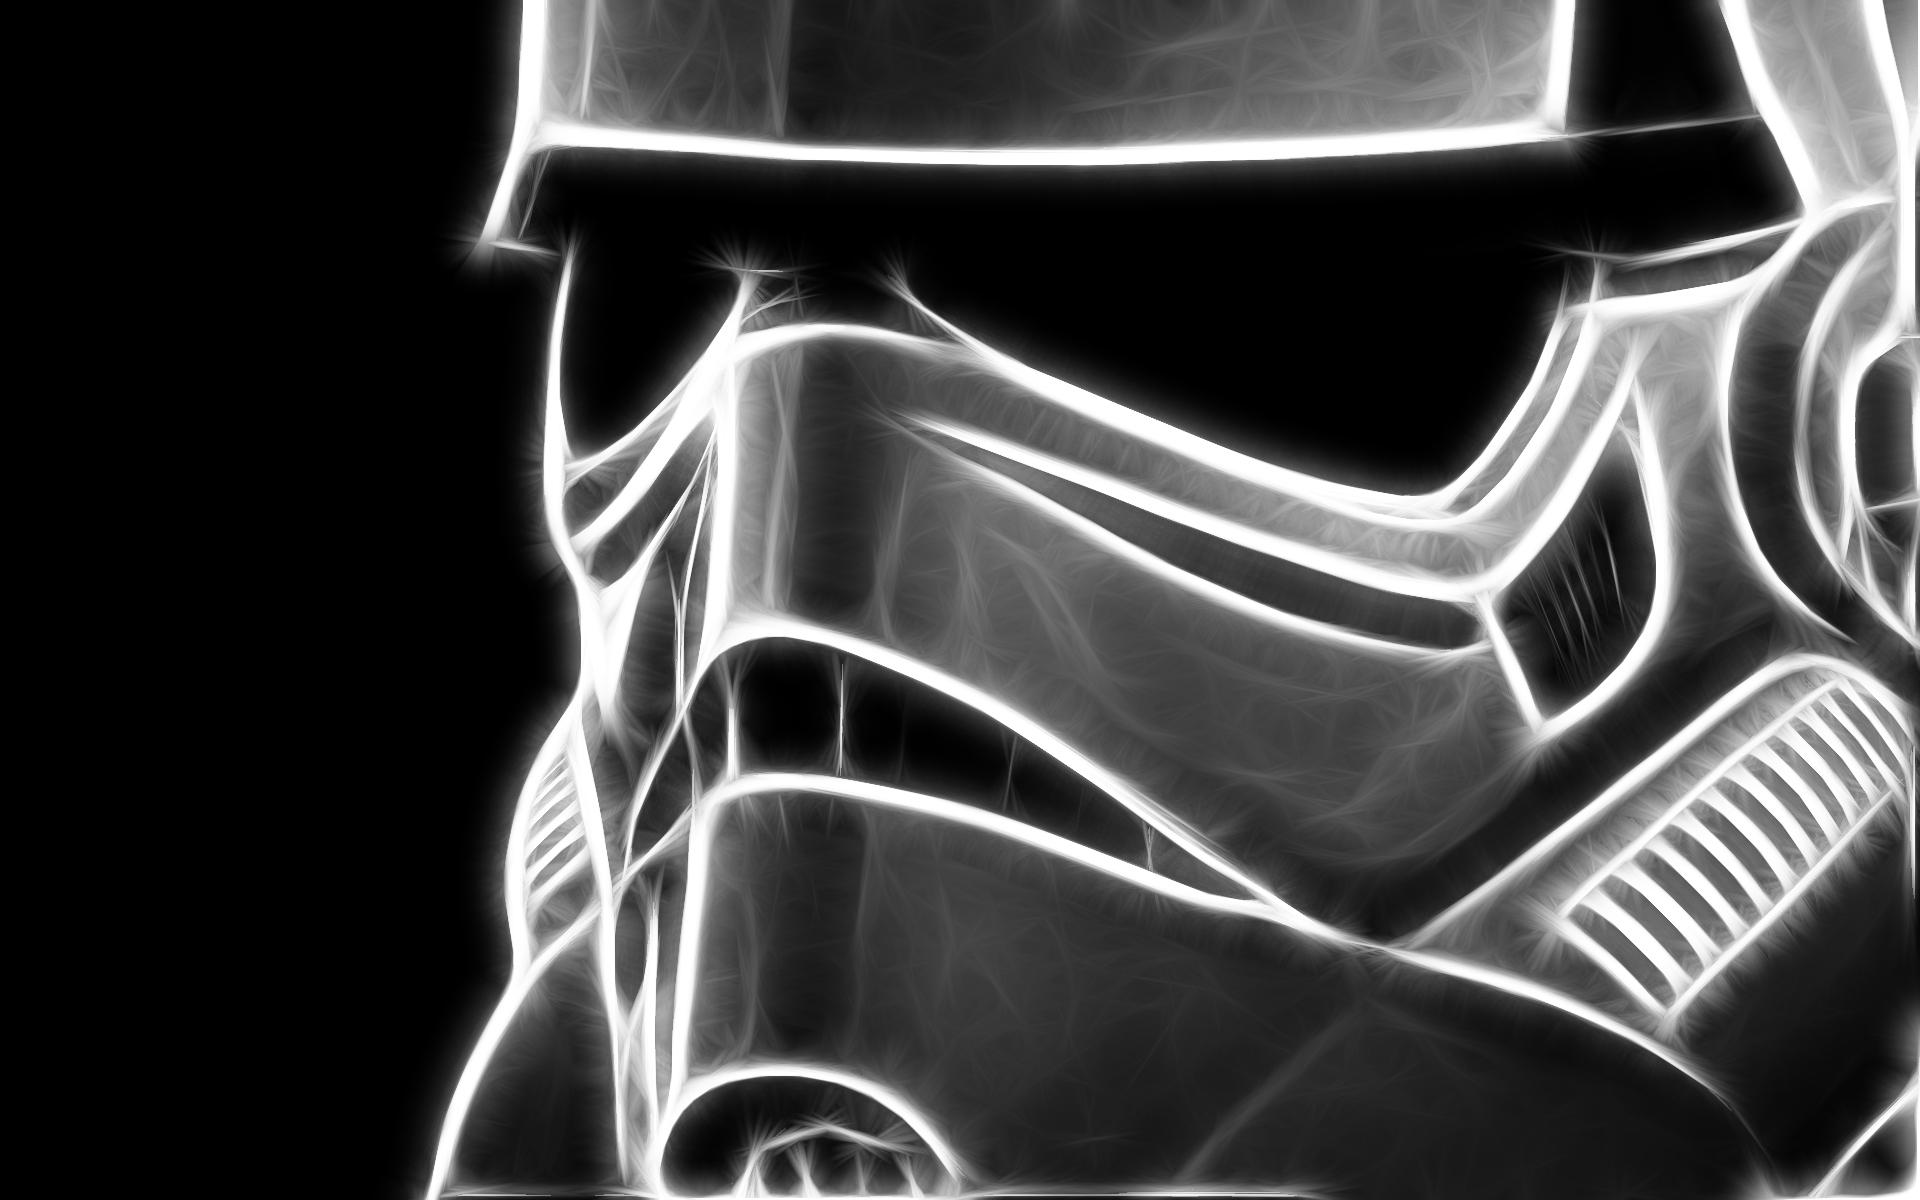 stormtrooper helmets widescreen wallpaper - photo #28